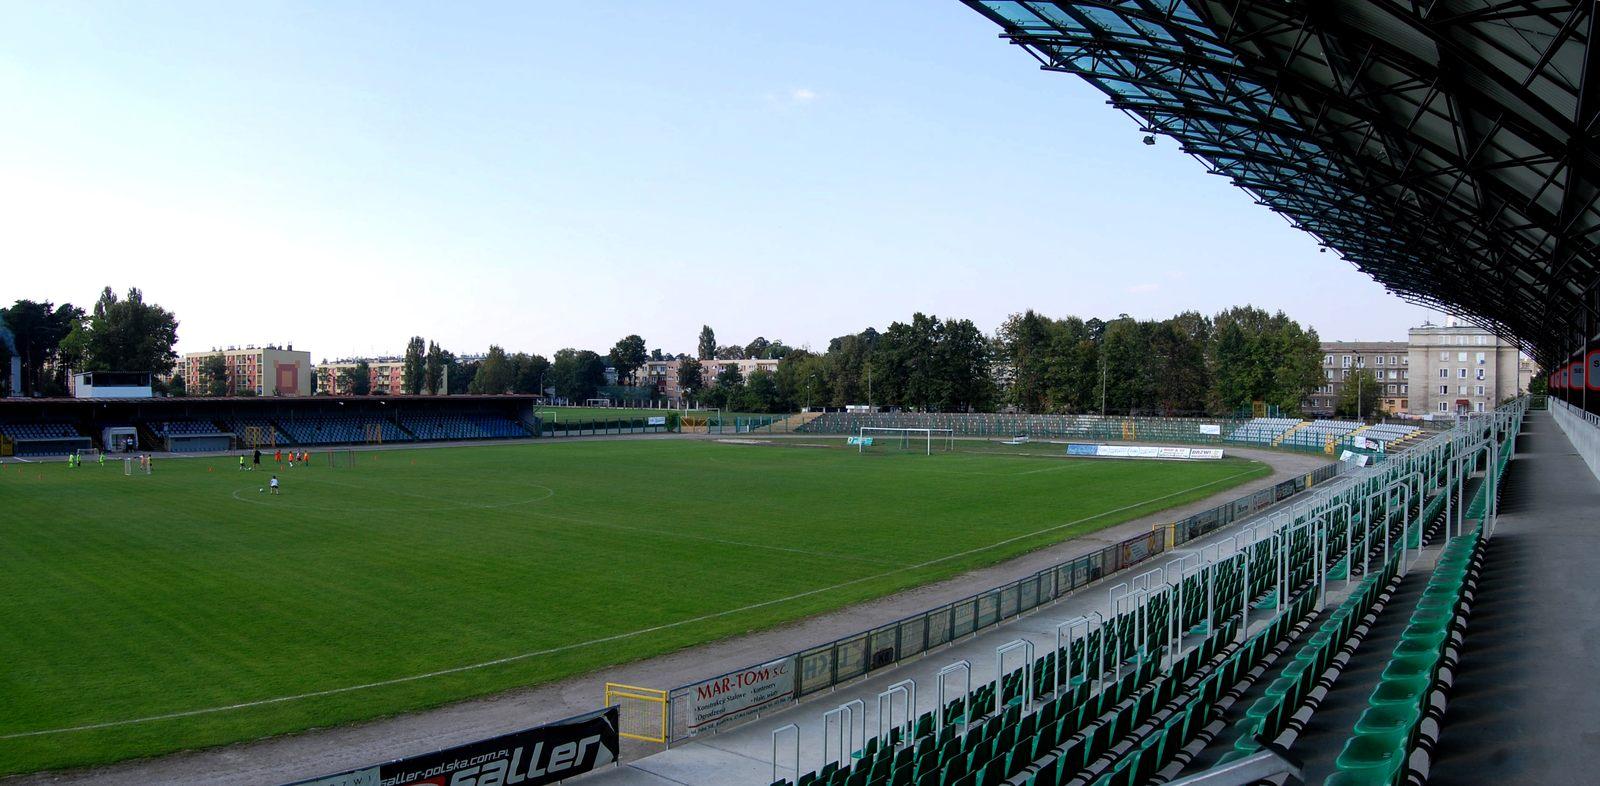 Stadion MOSiR w Stalowej Woli (Stadion Stali Stalowa Wola